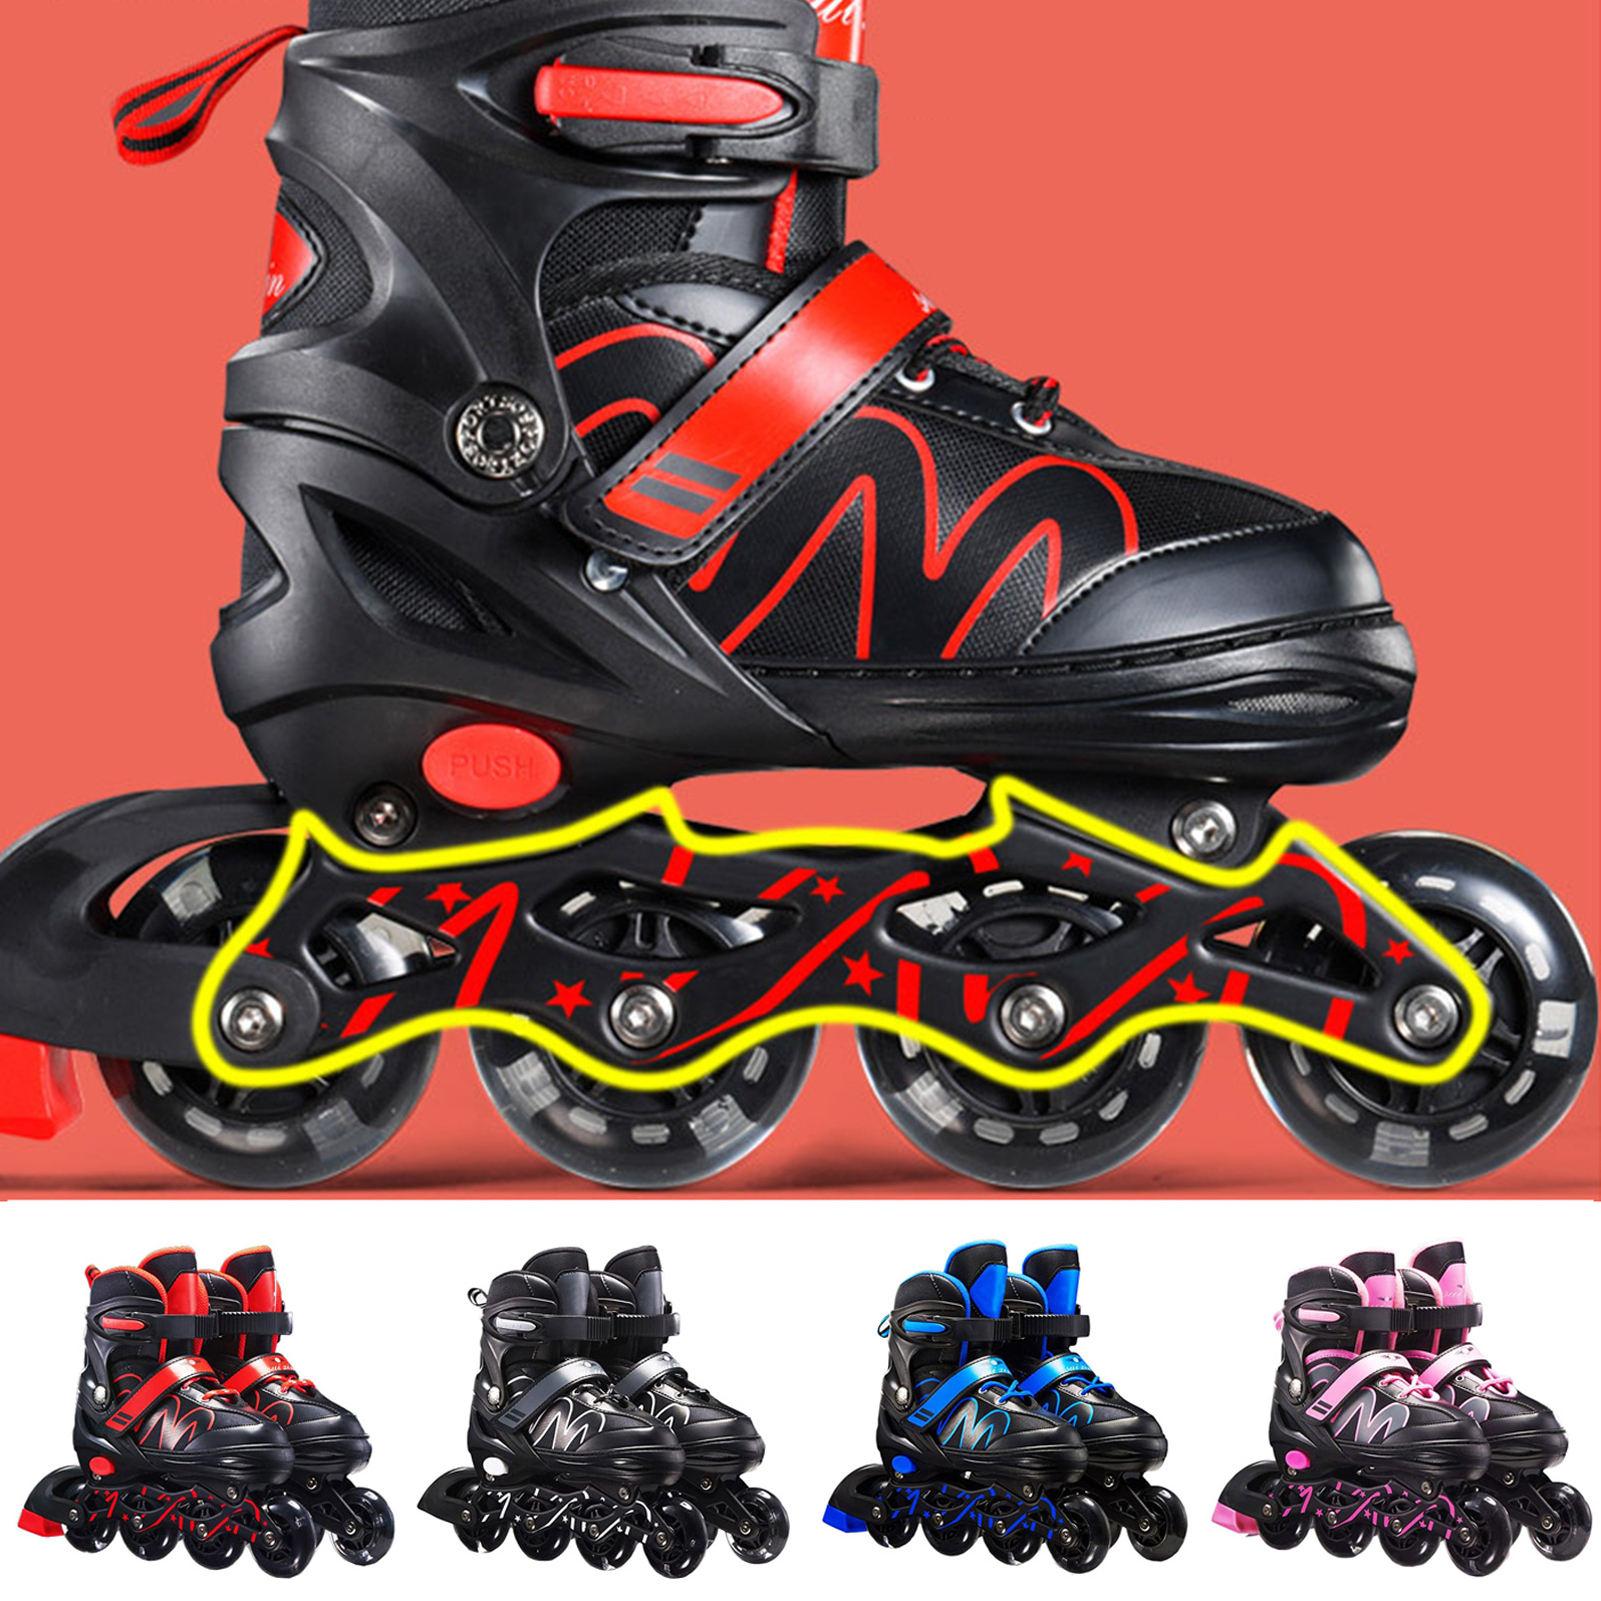 New Adult Skates Beginner Roller Skates Adjustable Inline Skates For Men's Women's